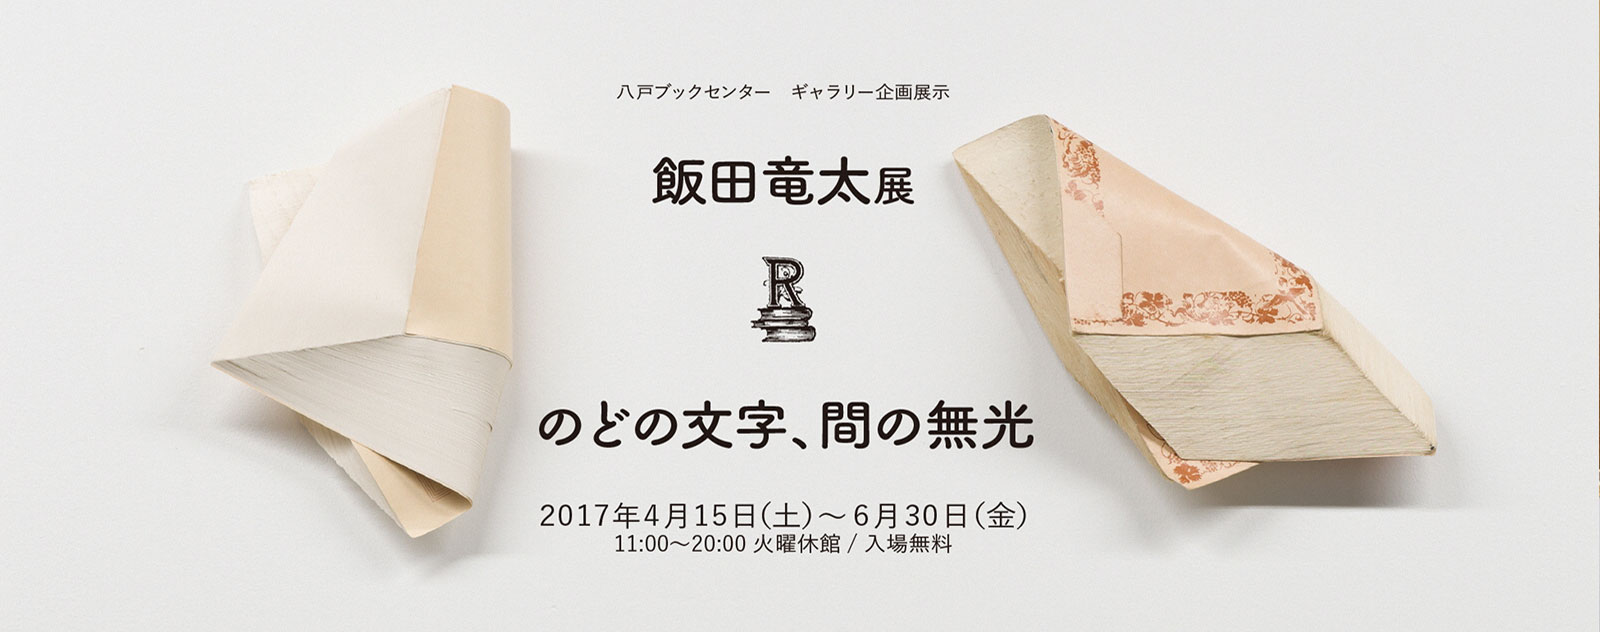 飯田竜太展 のどの文字、間の無光